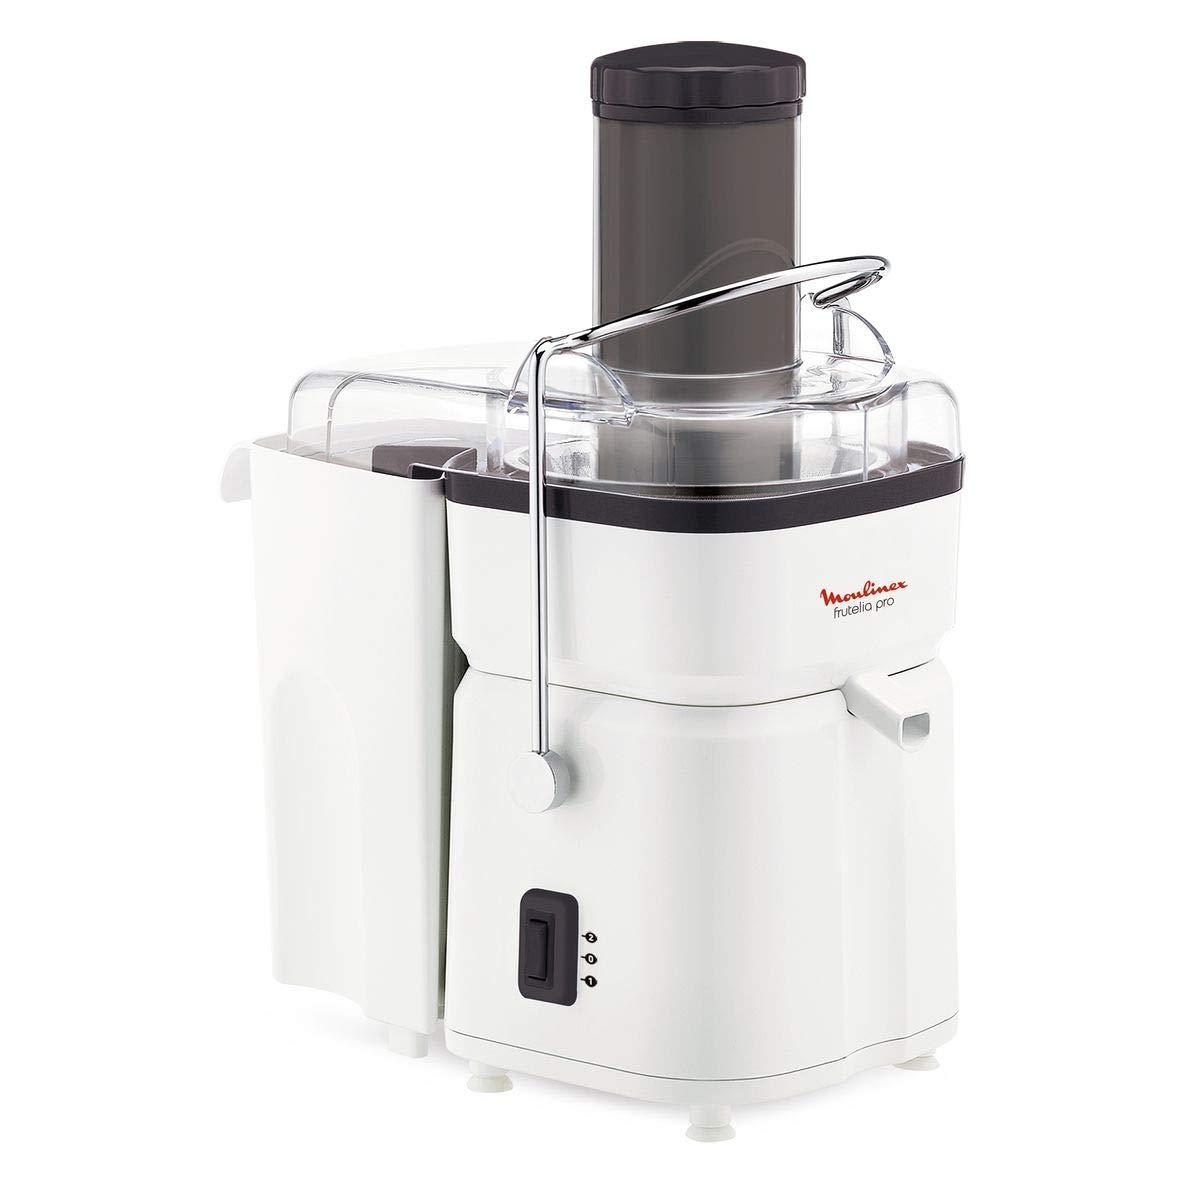 Moulinex Ju450139 frutelia Pro - Licuadora (700 W), color blanco y ...